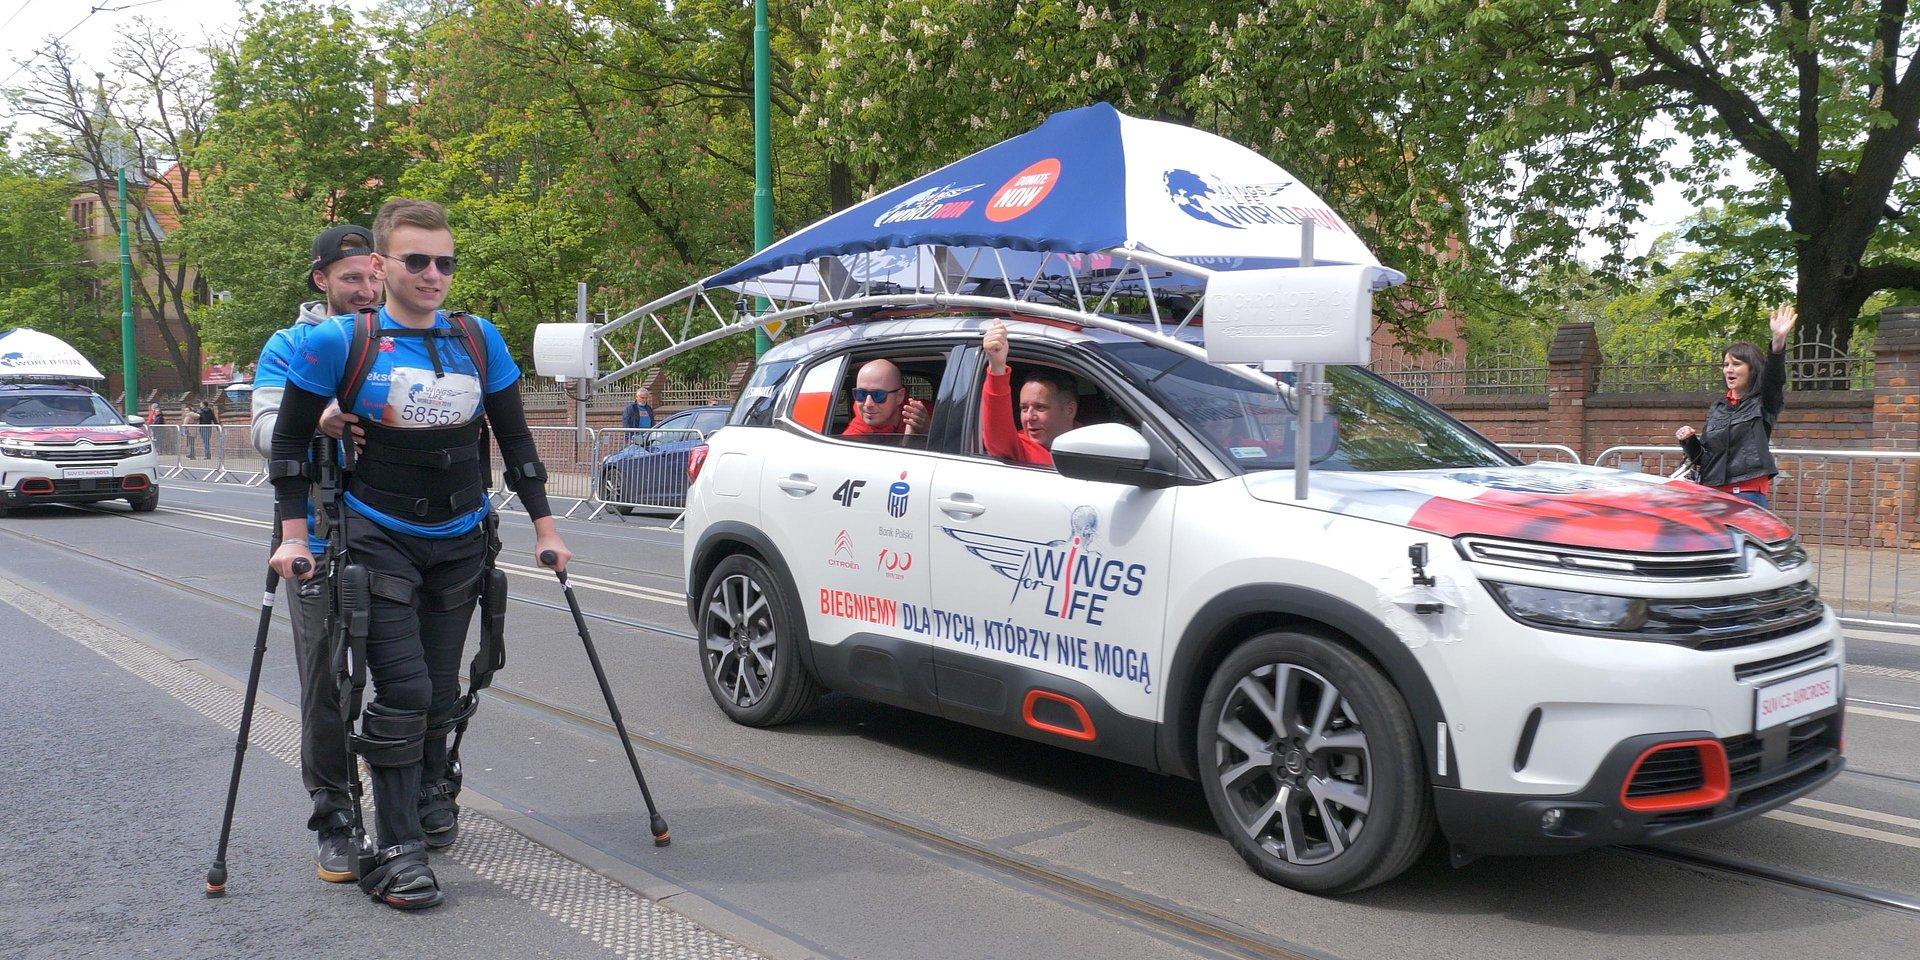 Wings for Life: W Gliwicach niepełnosprawni pobiegną w egzoszkieletach dla tych, którzy nie mogą